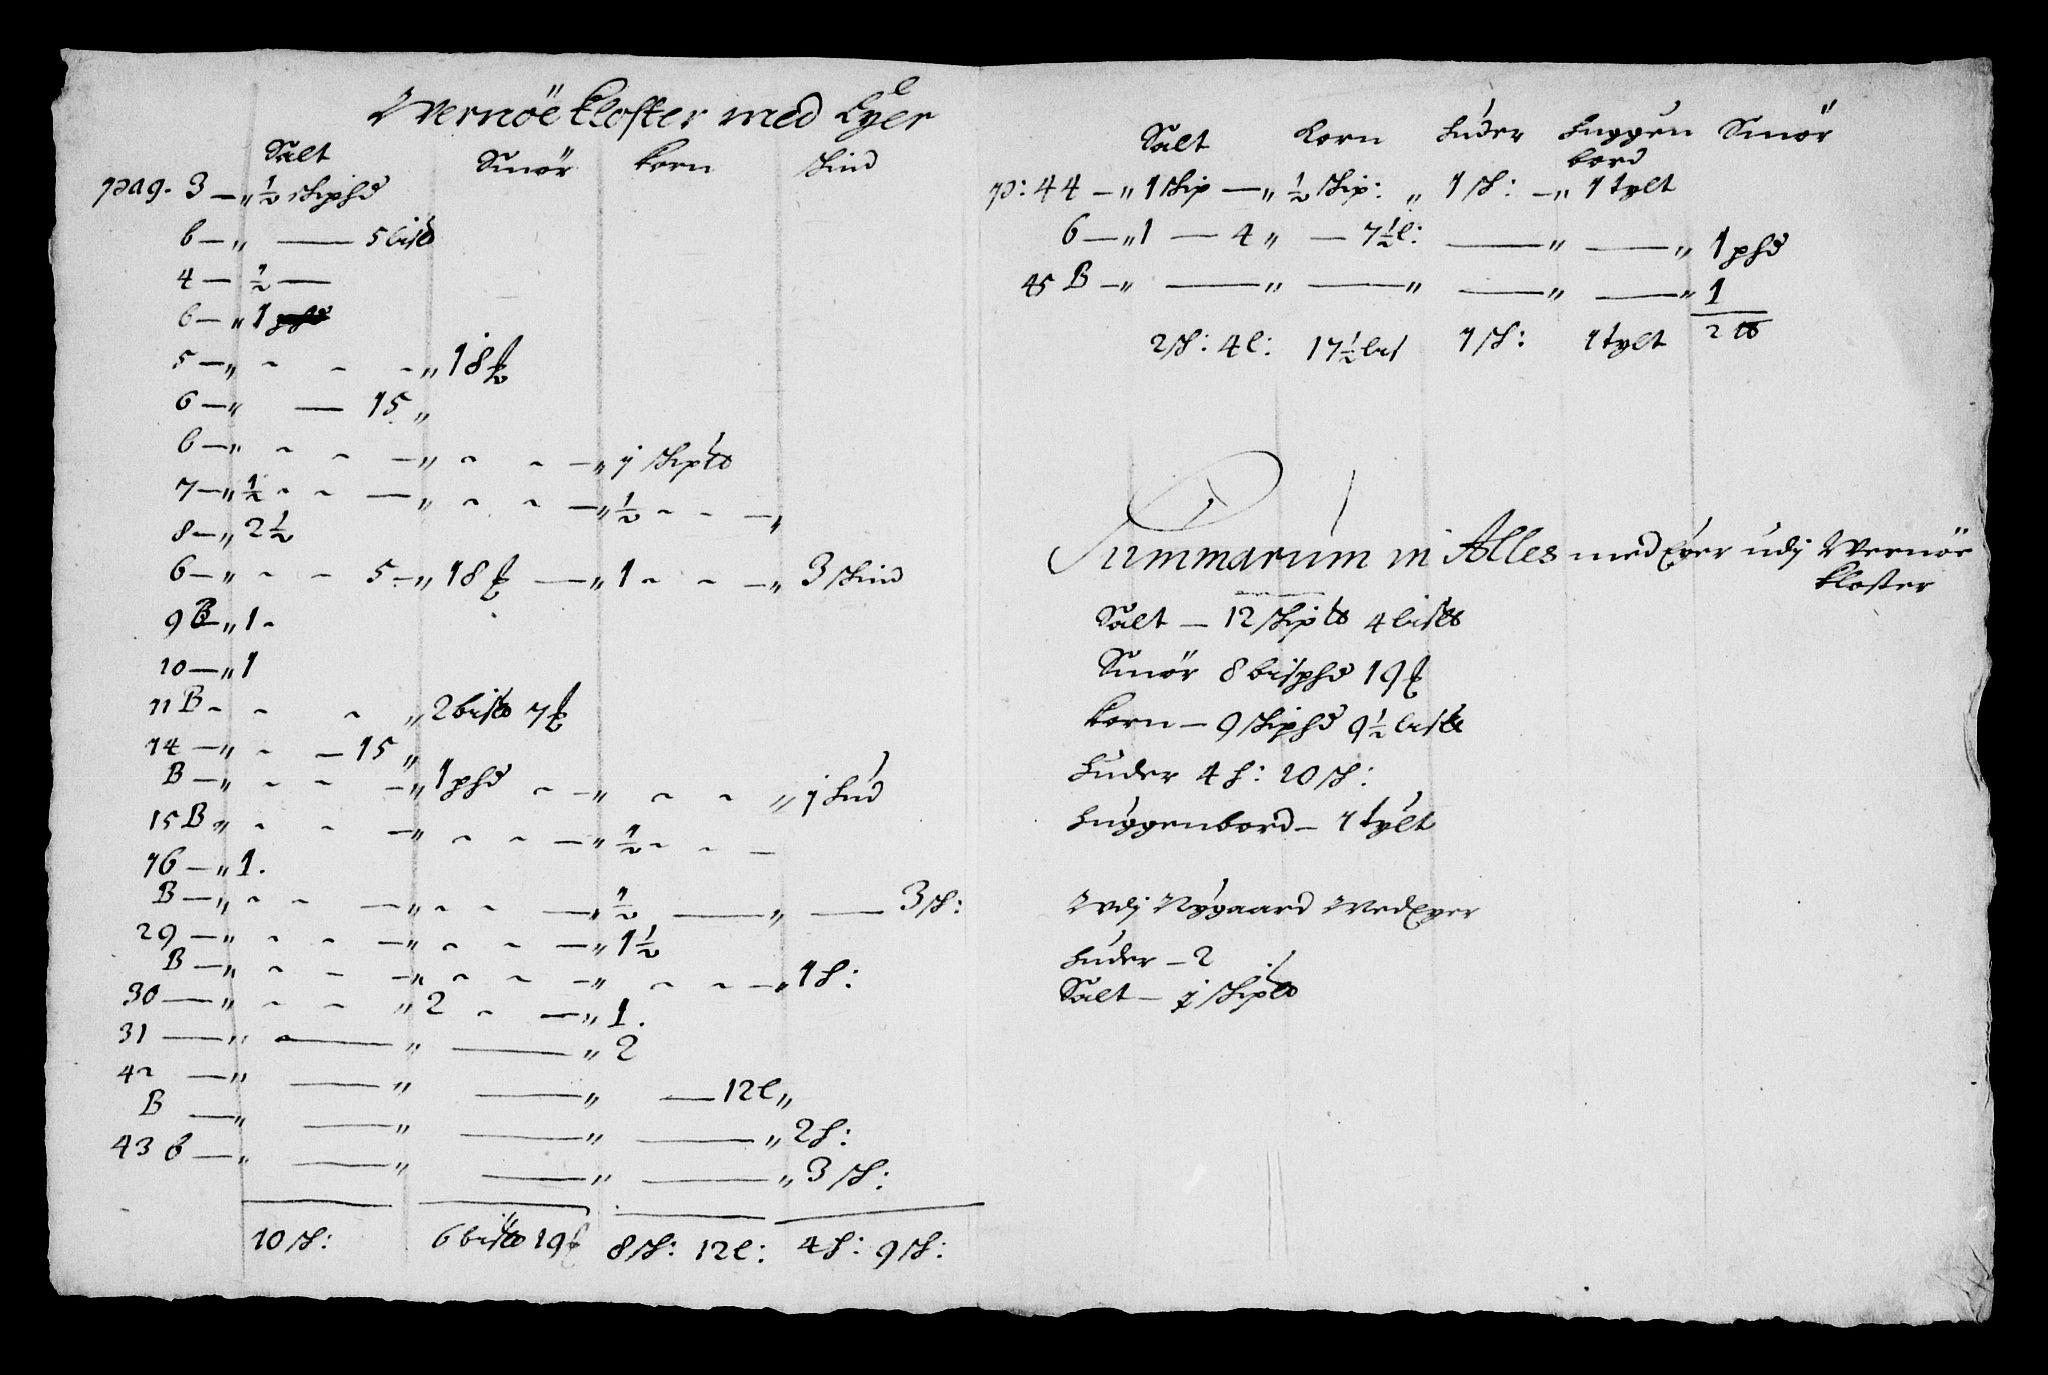 RA, Rentekammeret inntil 1814, Realistisk ordnet avdeling, On/L0007: [Jj 8]: Jordebøker og dokumenter innlevert til kongelig kommisjon 1672: Verne klosters gods, 1658-1672, s. 377